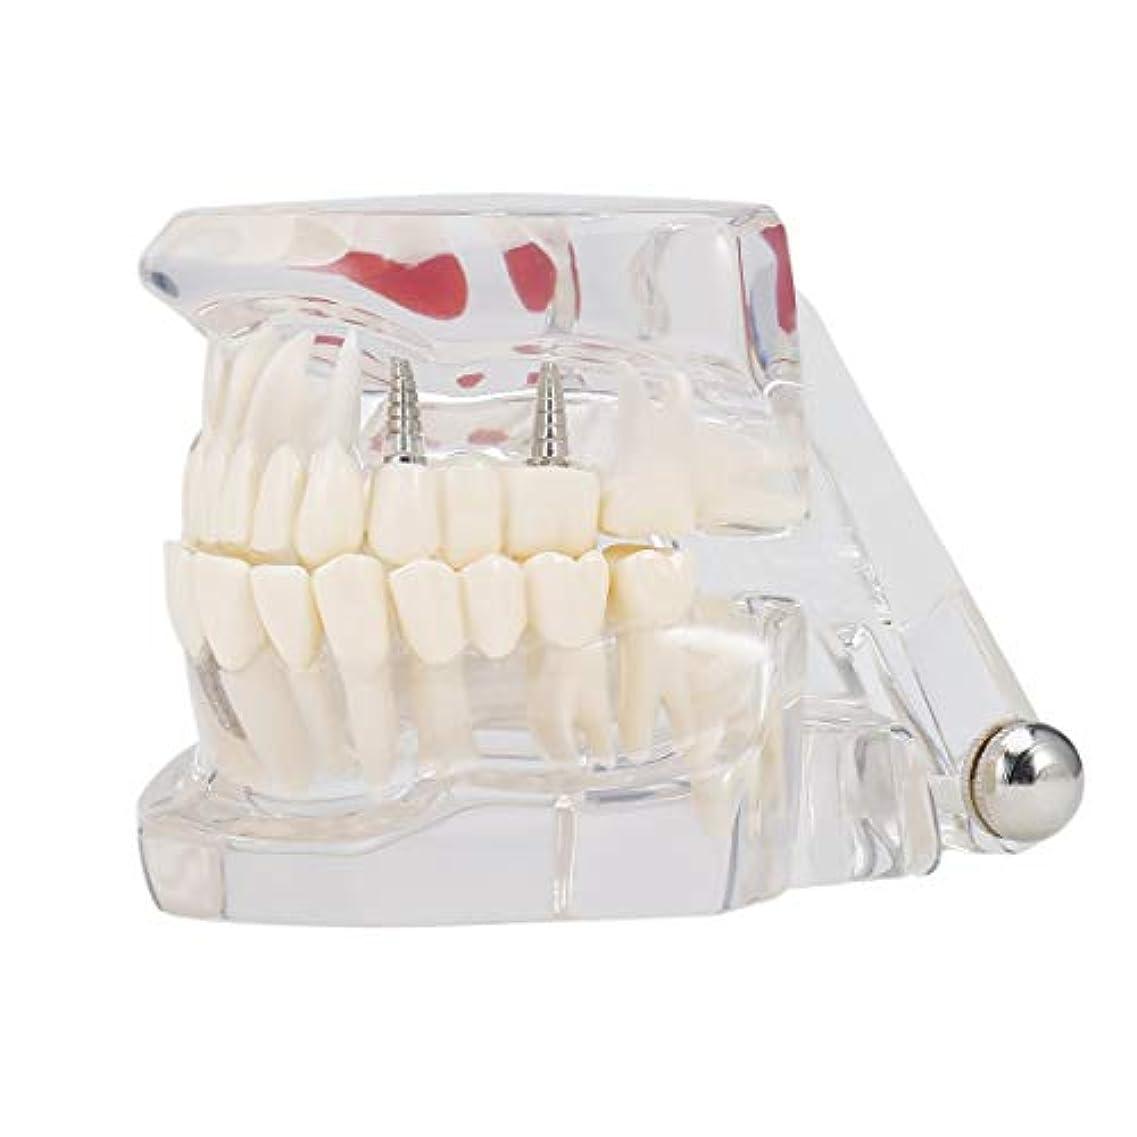 注釈船員鮮やかな専門の取り外し可能な偽の歯の歯の病気のモルデルの歯科インプラント回復表示医院の病院の教育使用 (色:黒)(Rustle666)